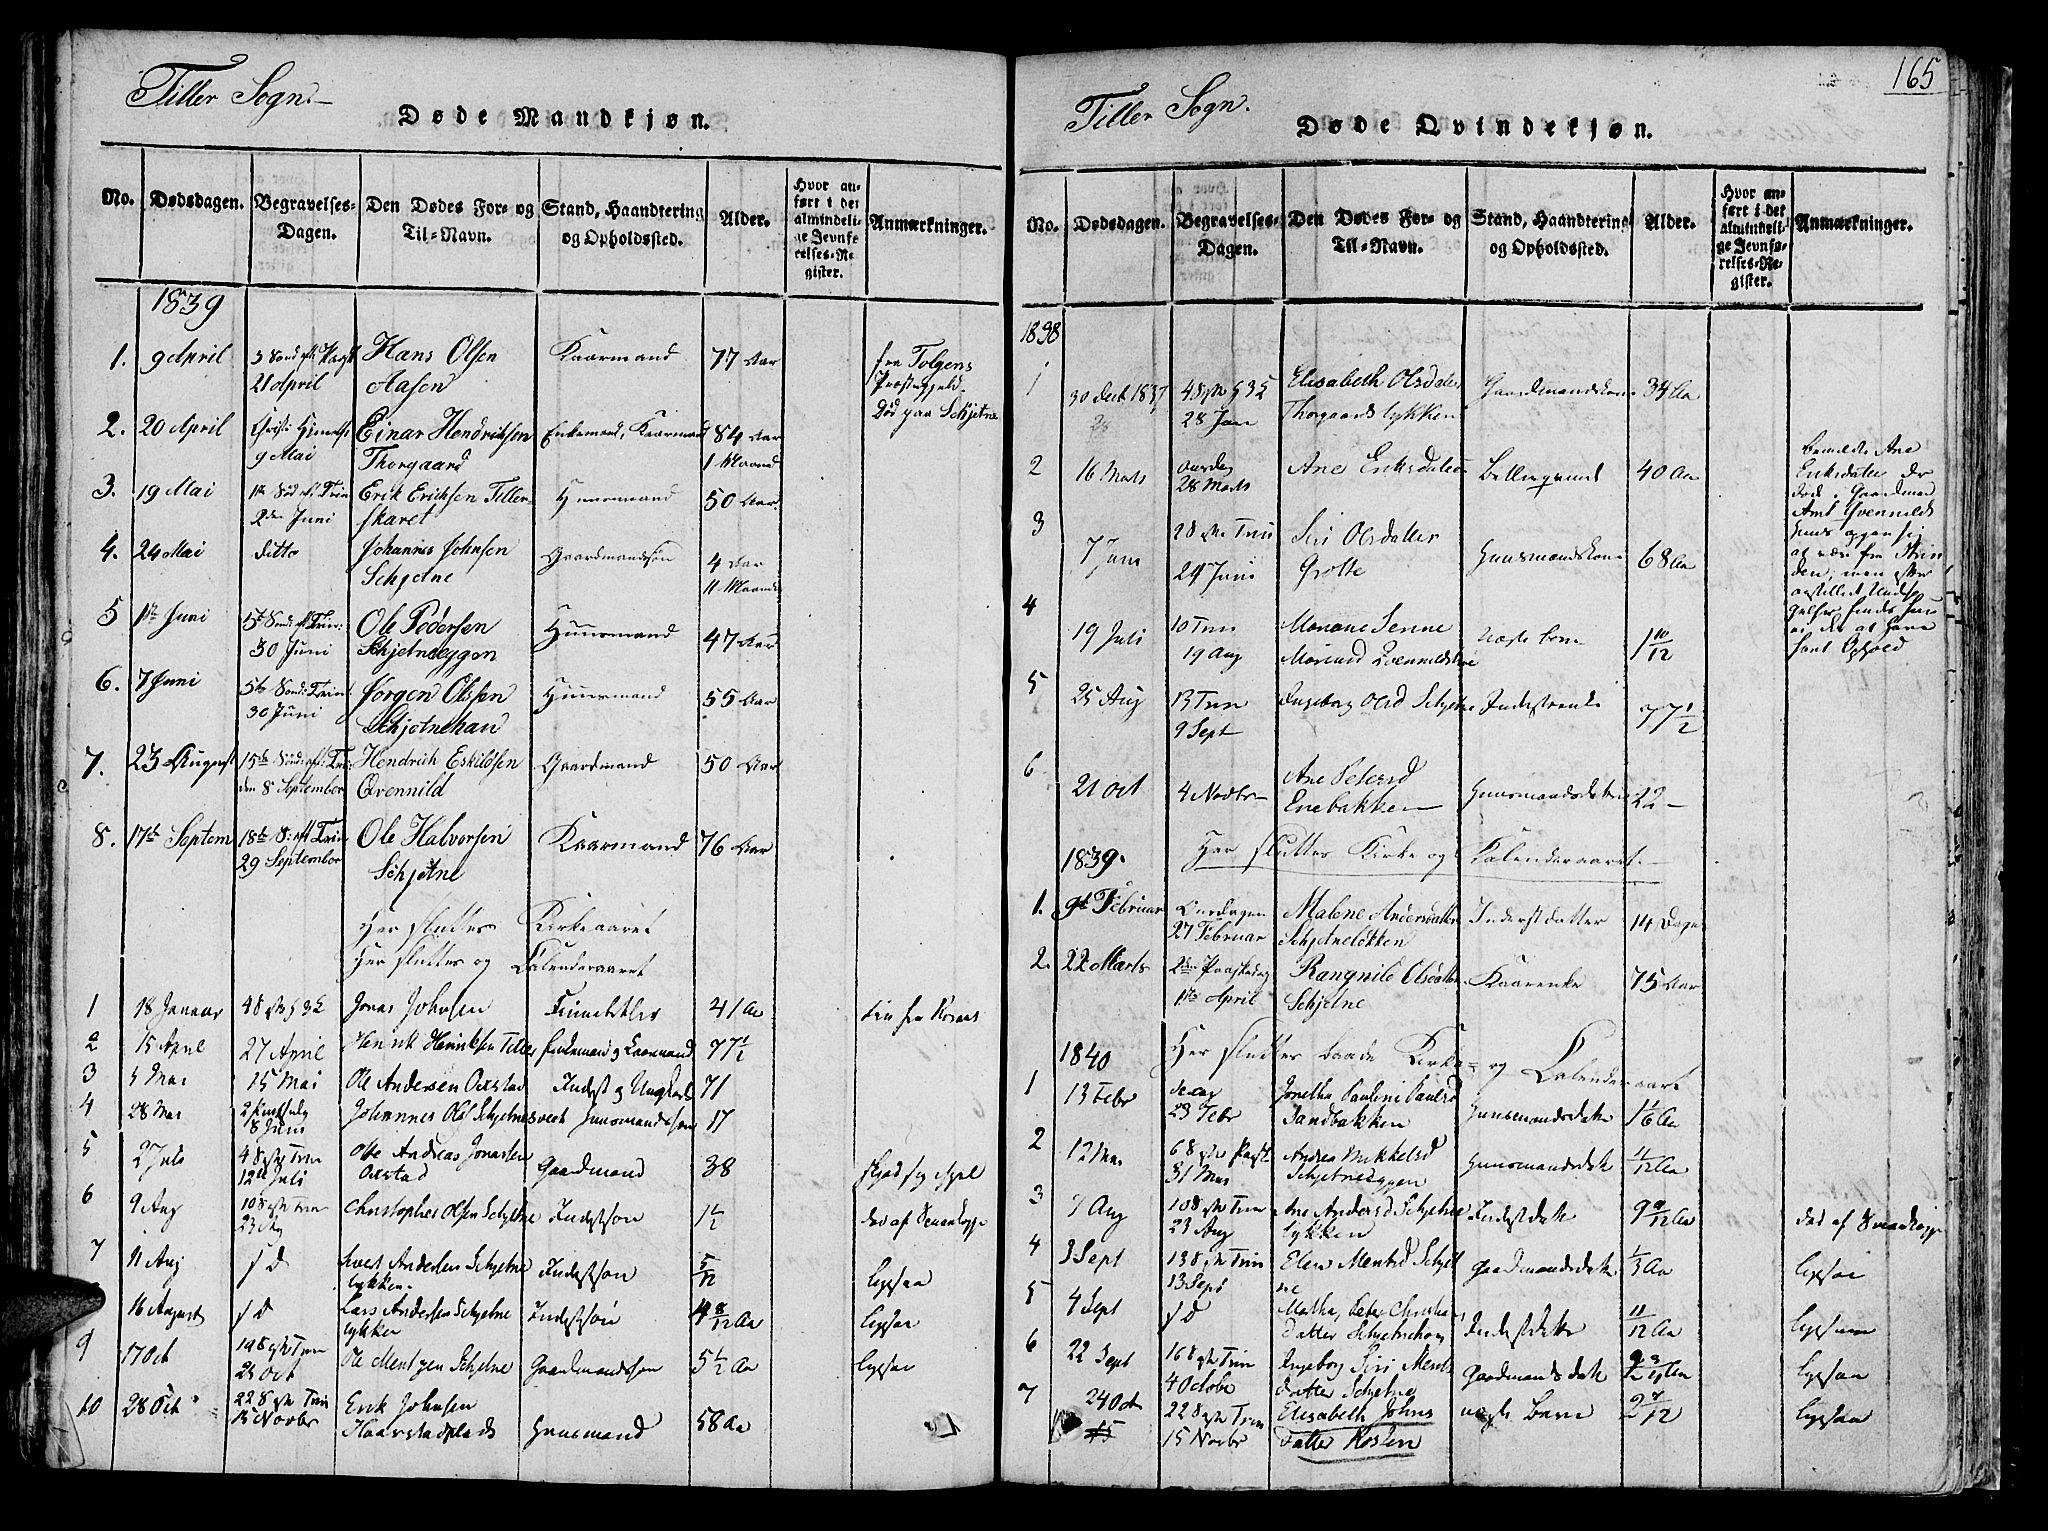 SAT, Ministerialprotokoller, klokkerbøker og fødselsregistre - Sør-Trøndelag, 618/L0440: Ministerialbok nr. 618A04 /2, 1816-1843, s. 165